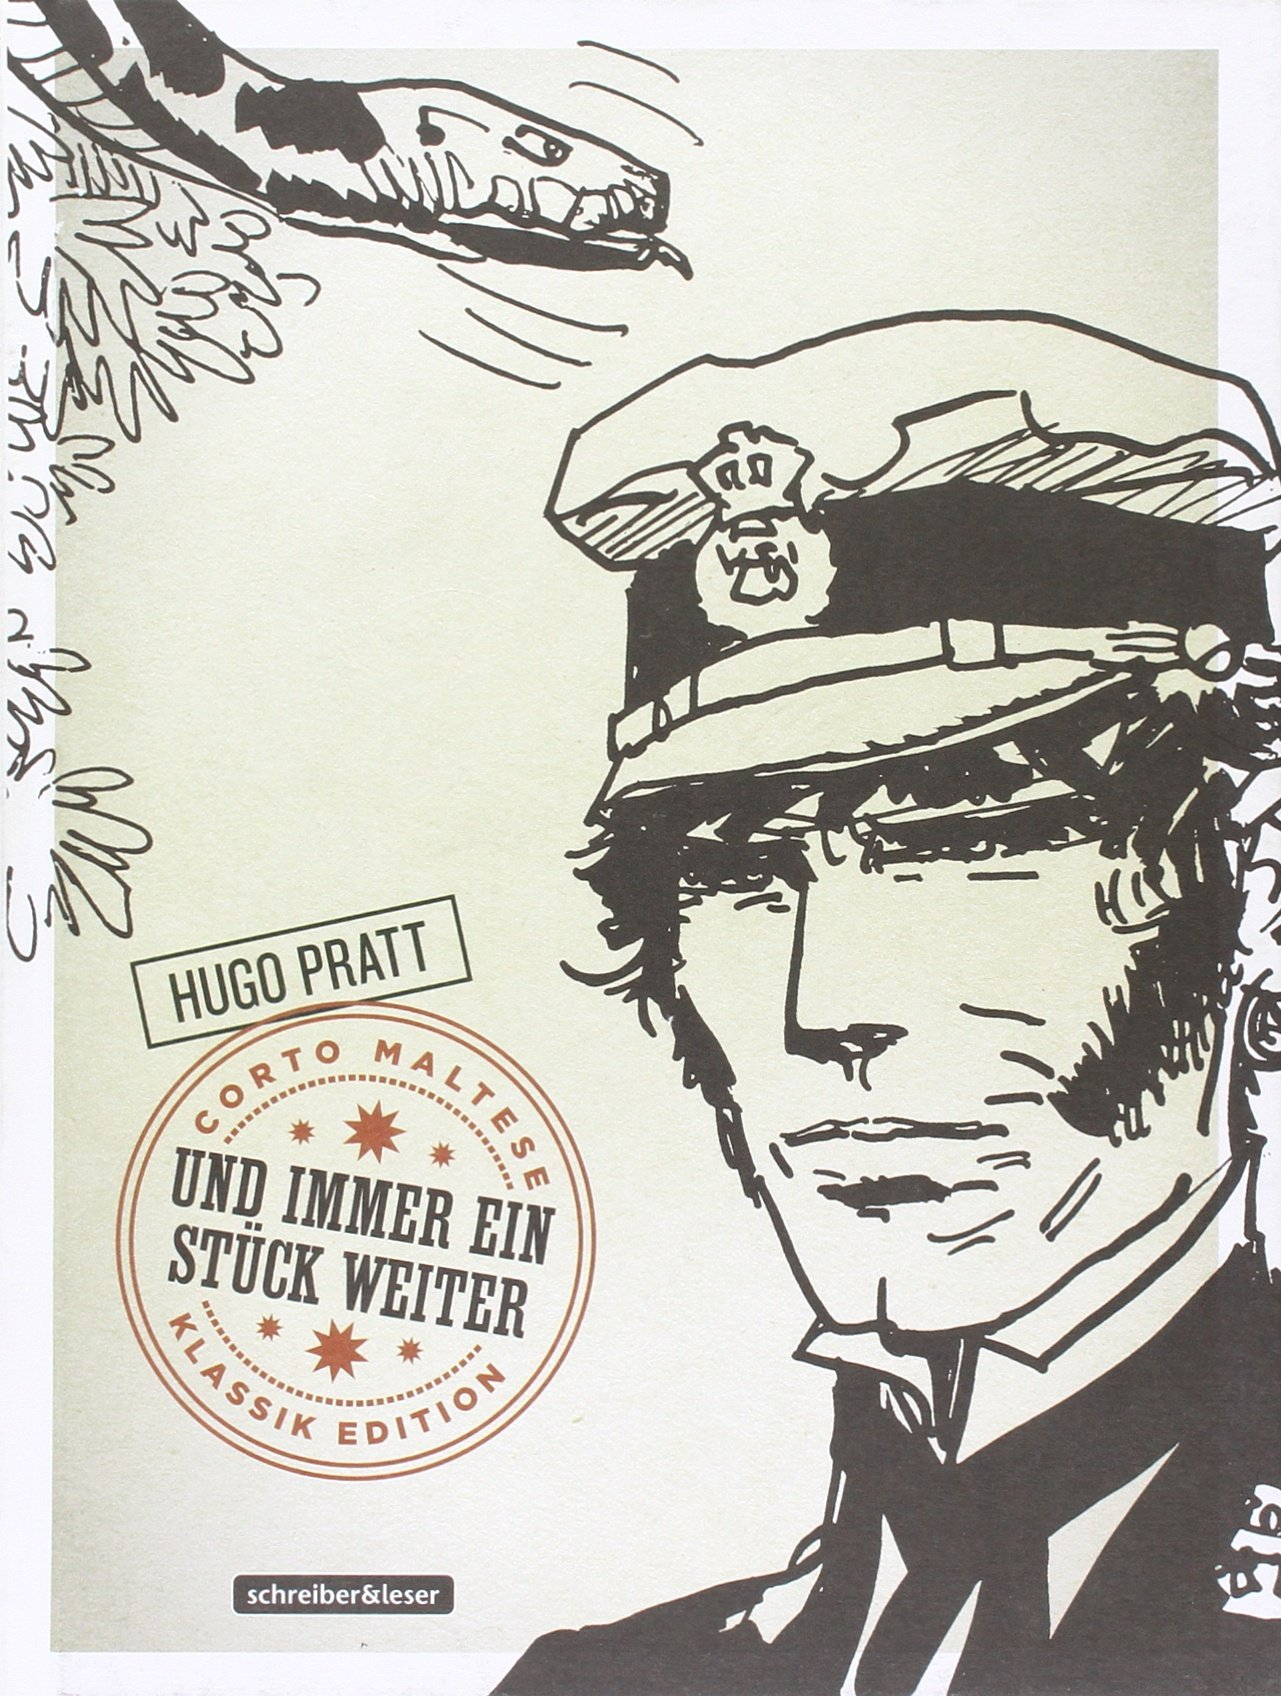 Corto Maltese: 3. Und immer ein Stück weiter (Klassik-Edition in Schwarz-Weiß)